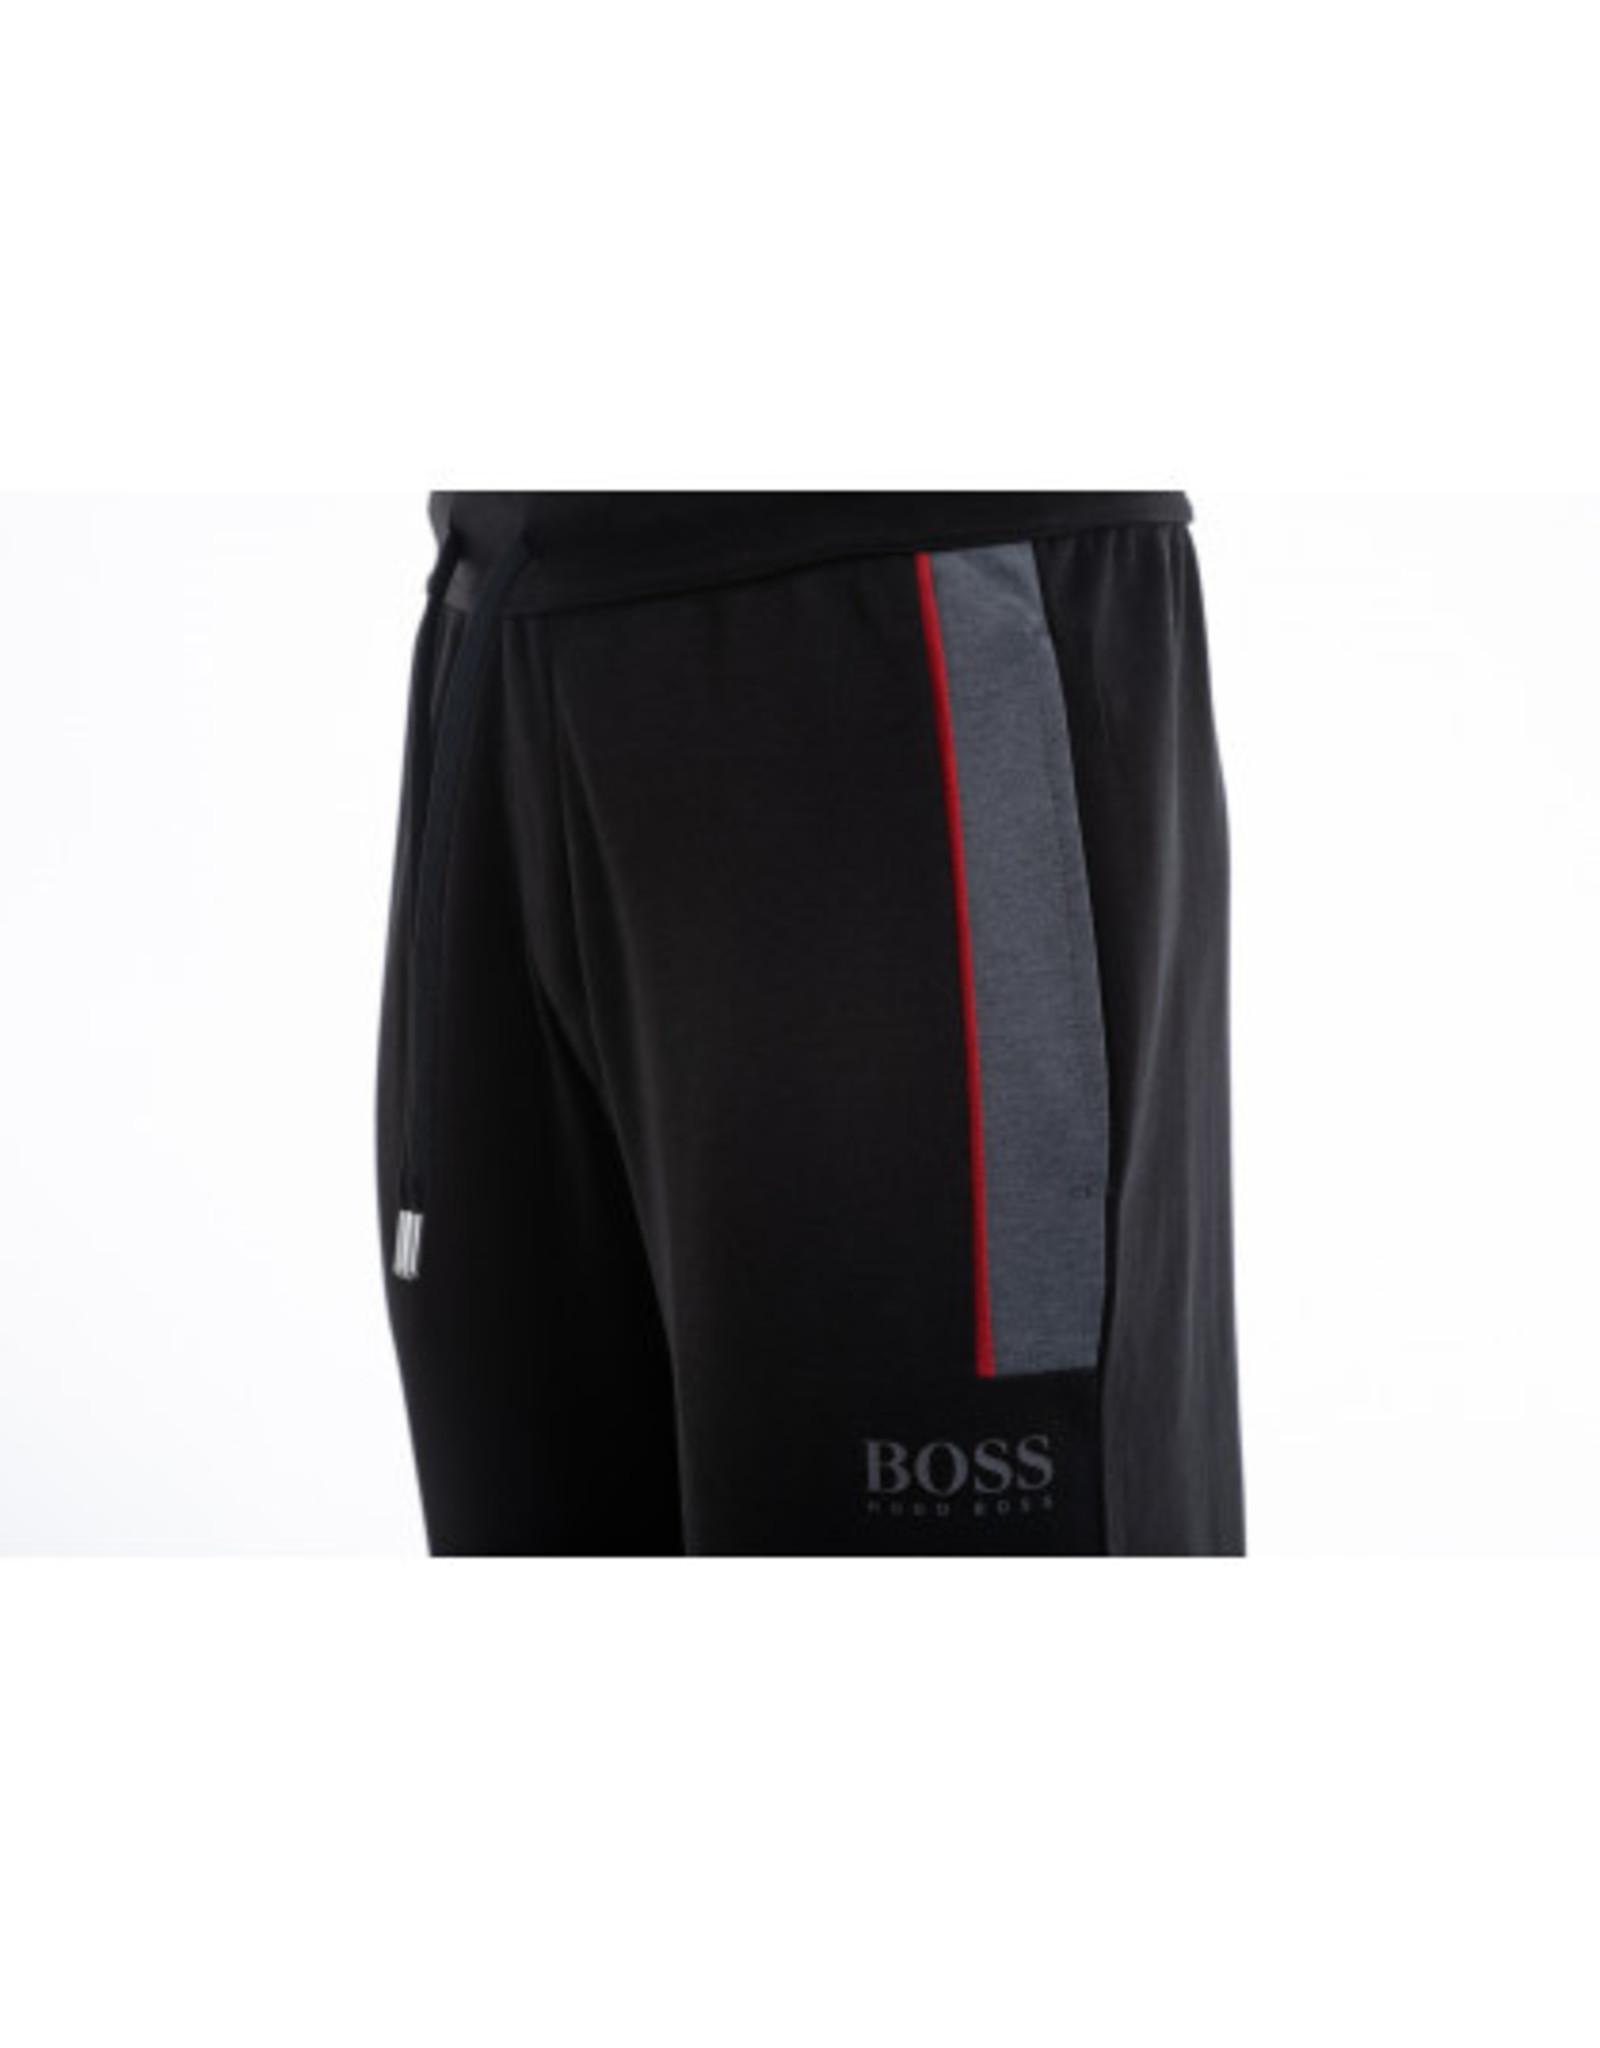 BOSS LOUNGEWEAR BOSS LOUNGE TRACKSUIT PANTS